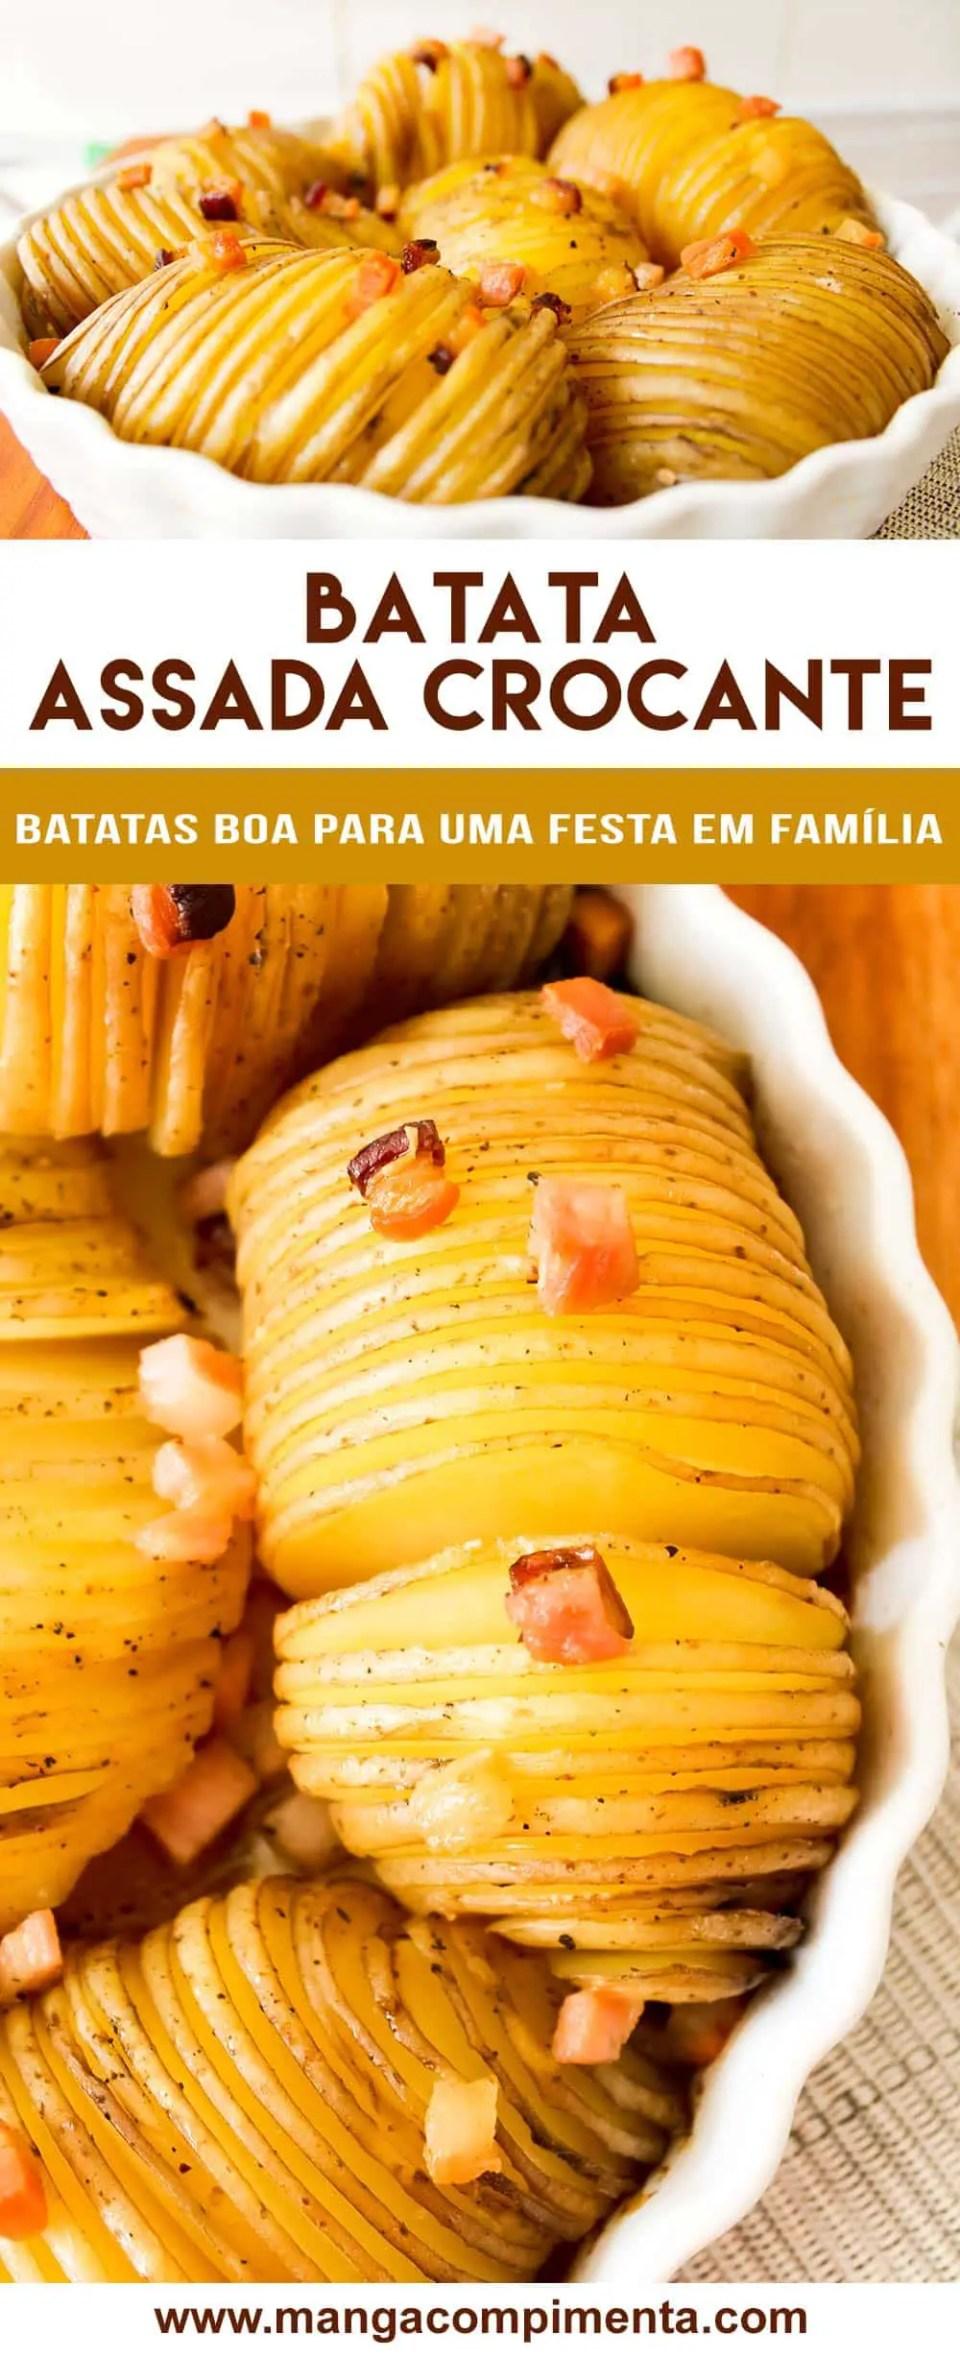 Batata Assada Crocante - Receitas de Natal e Ano Novo ou para o almoço de família.